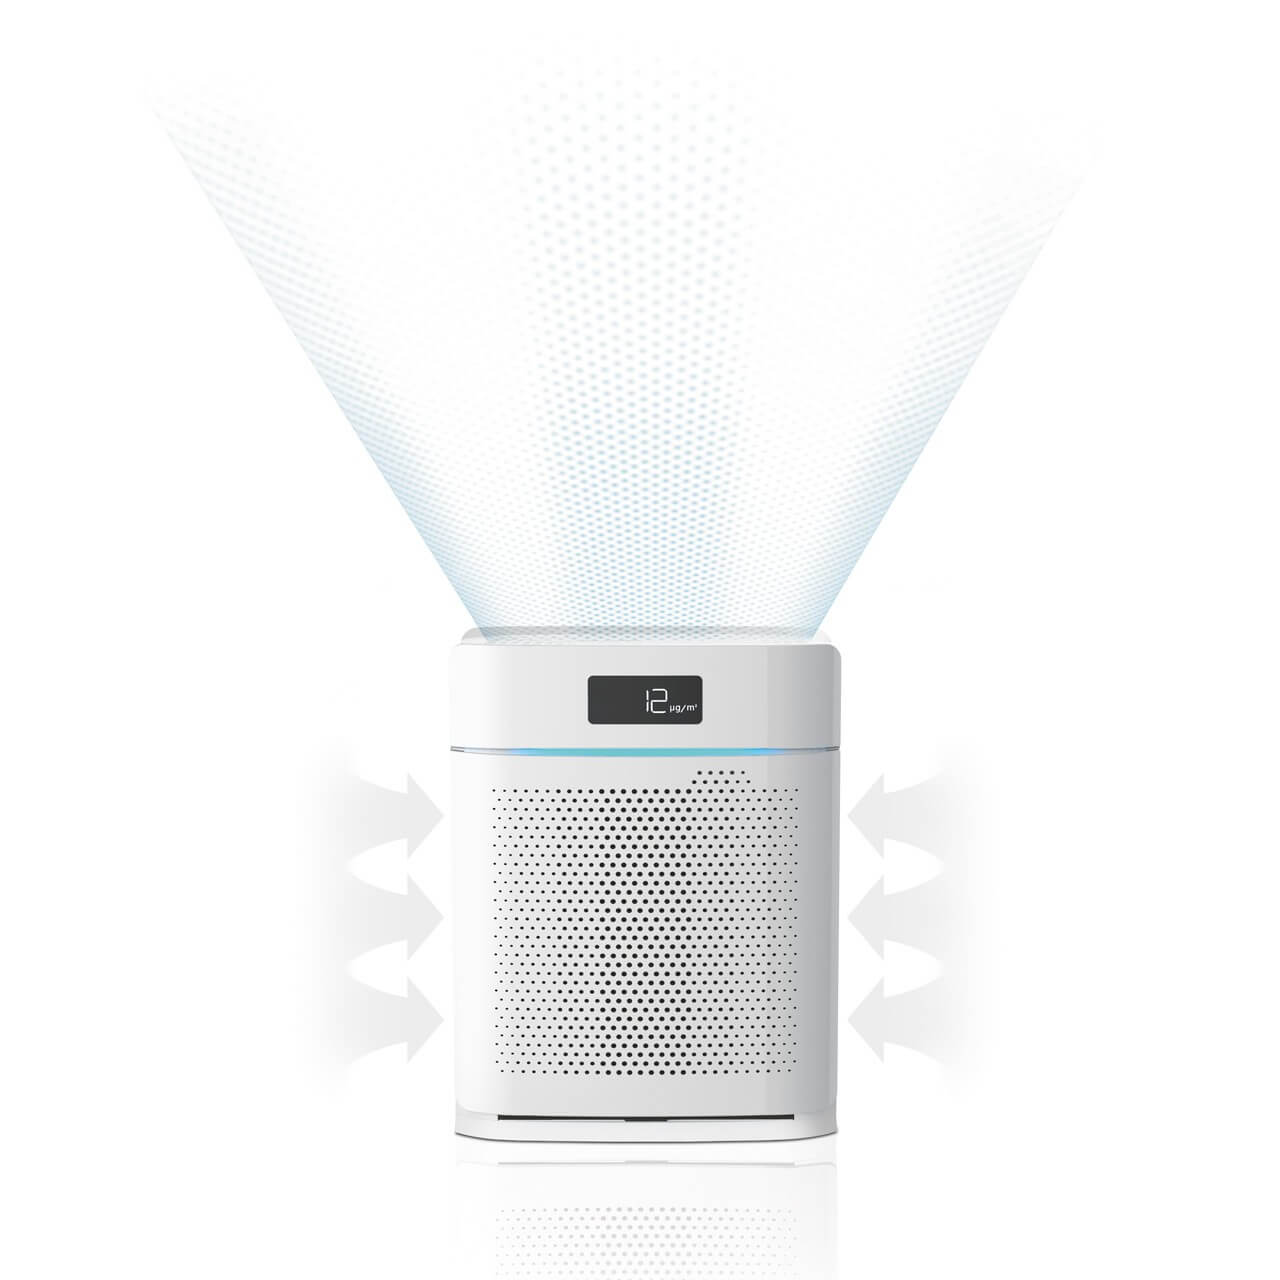 filtrare-aer-camere-mici-cu-senzor-calitate-aer-IDEAL-AP25